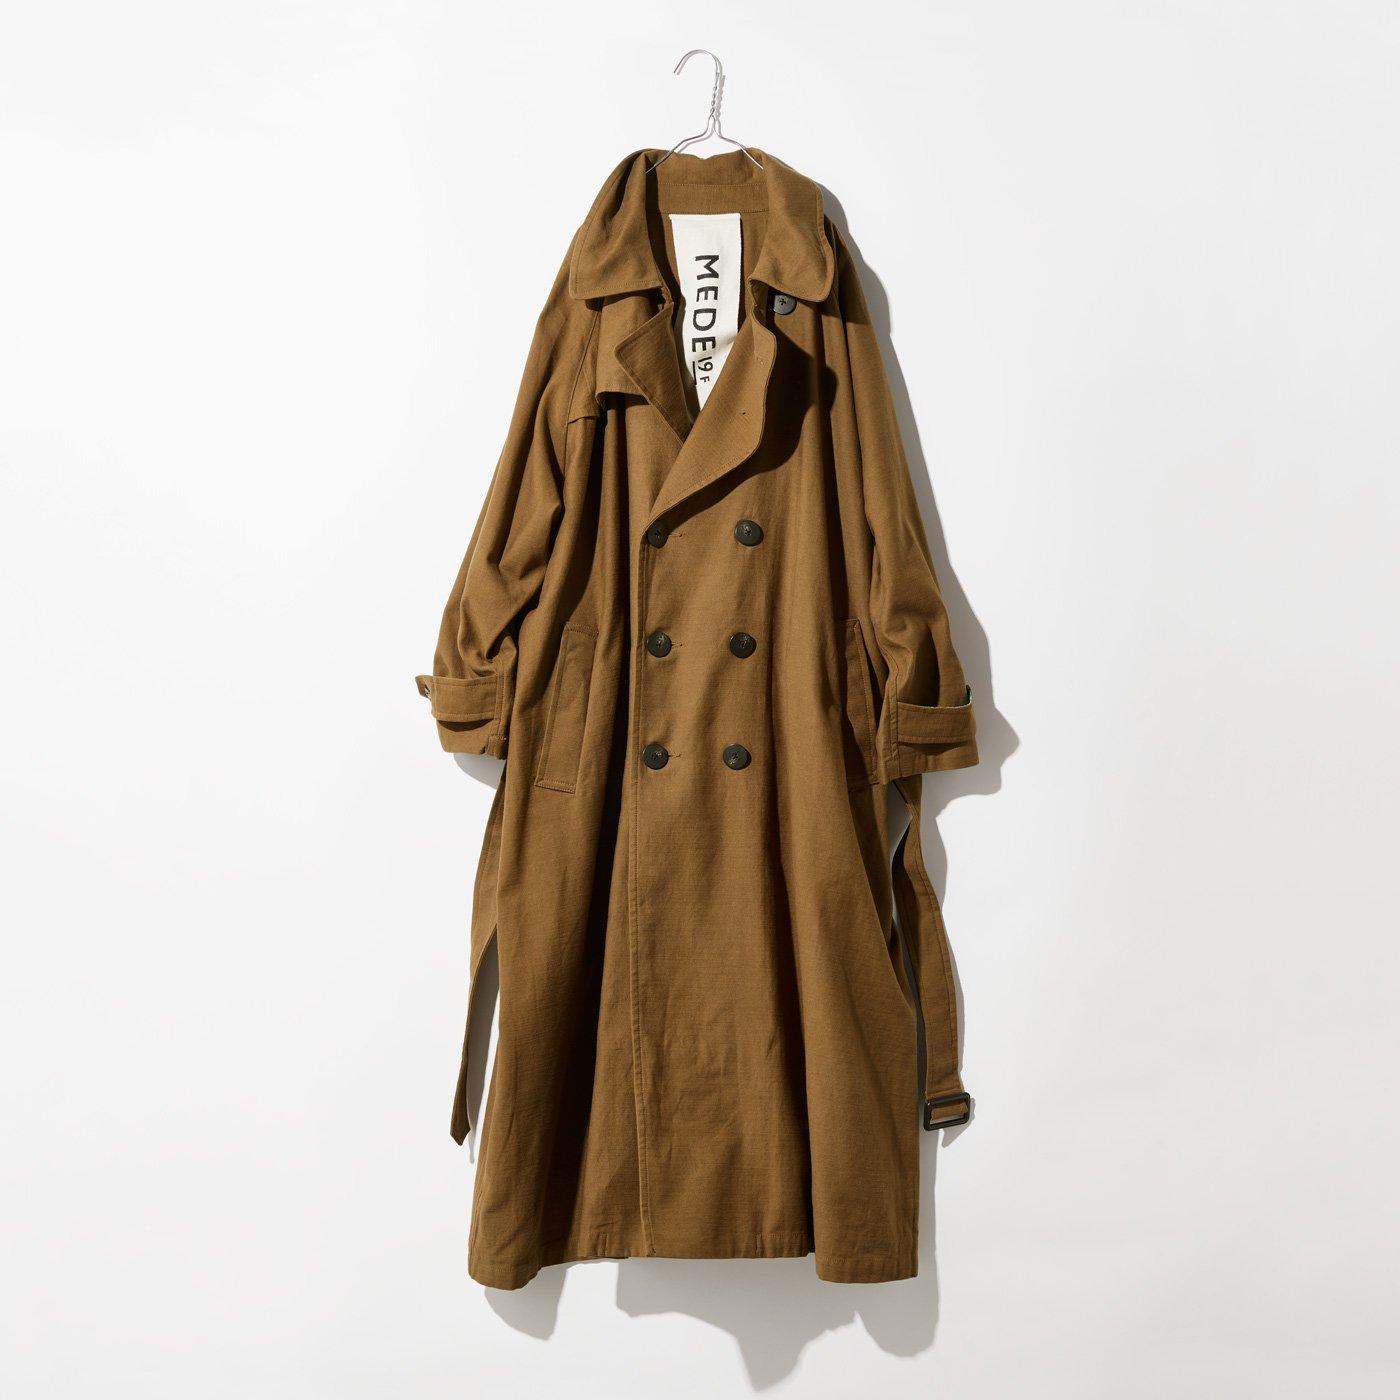 MEDE19F 古着屋でみつけたようなオーバーサイズトレンチコート